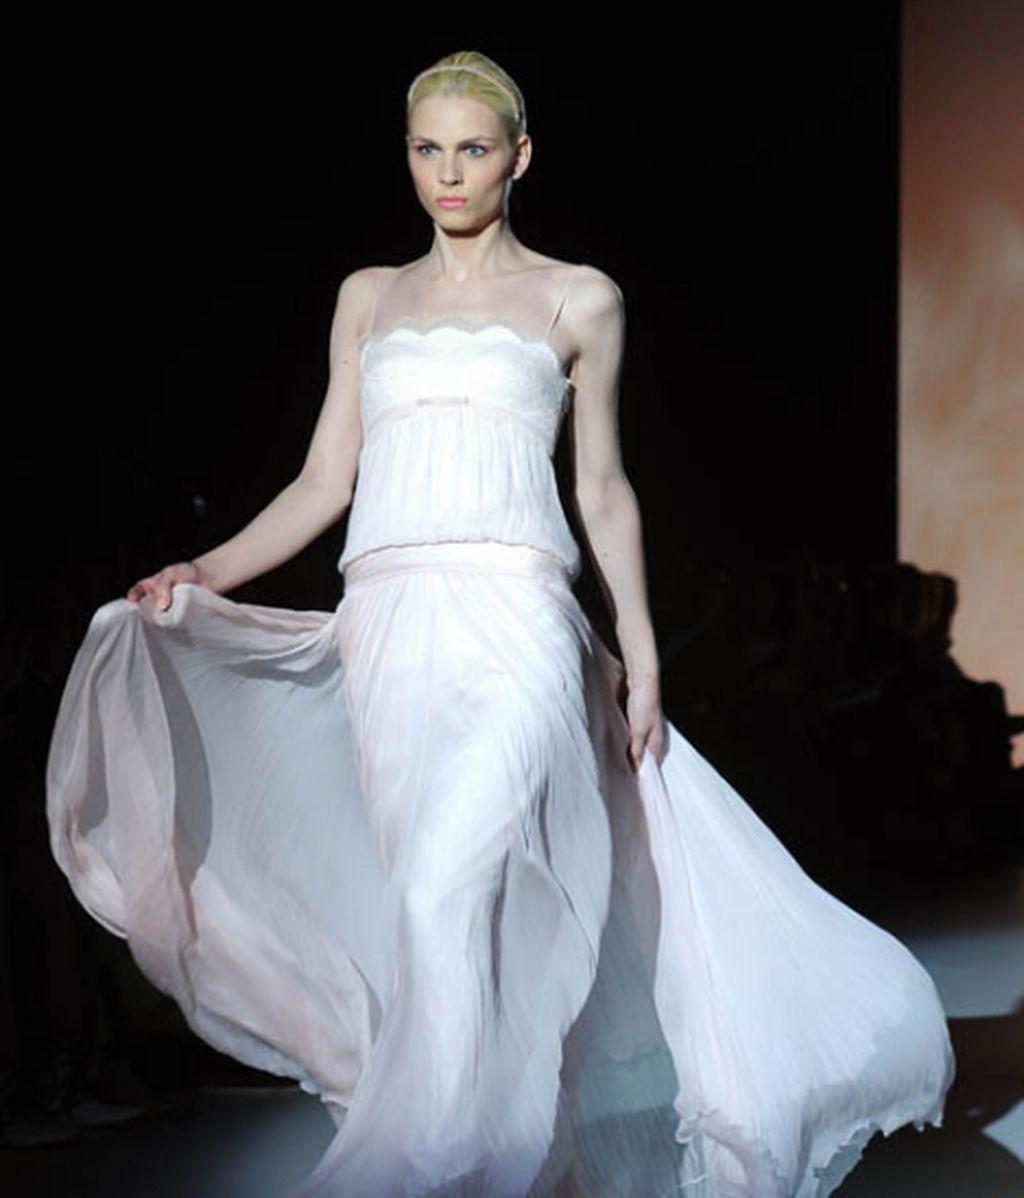 Andrej Pejic, el top model que lució blanca y radiante